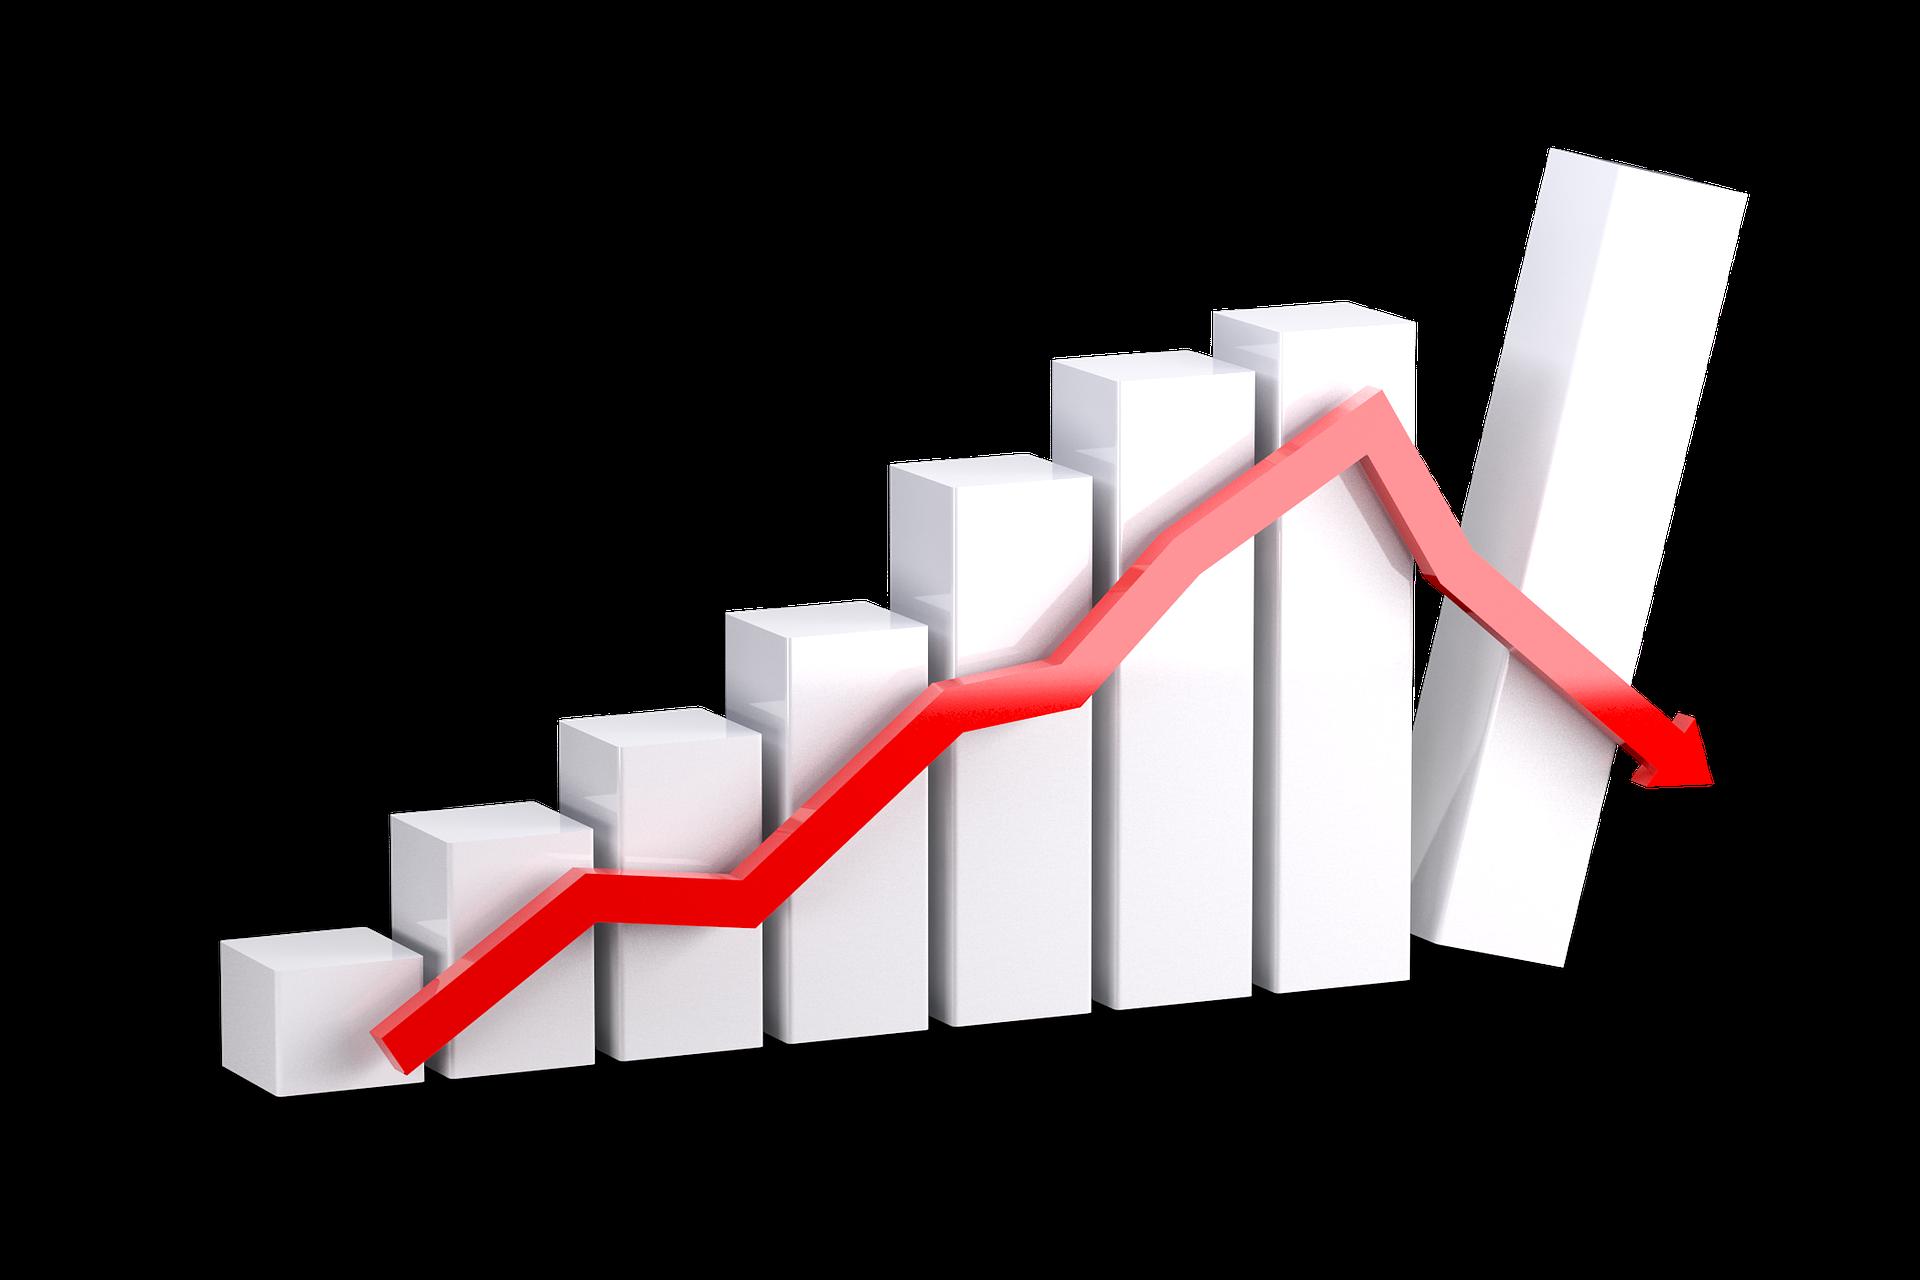 投資の基礎 経済学編 景気循環の4つの局面